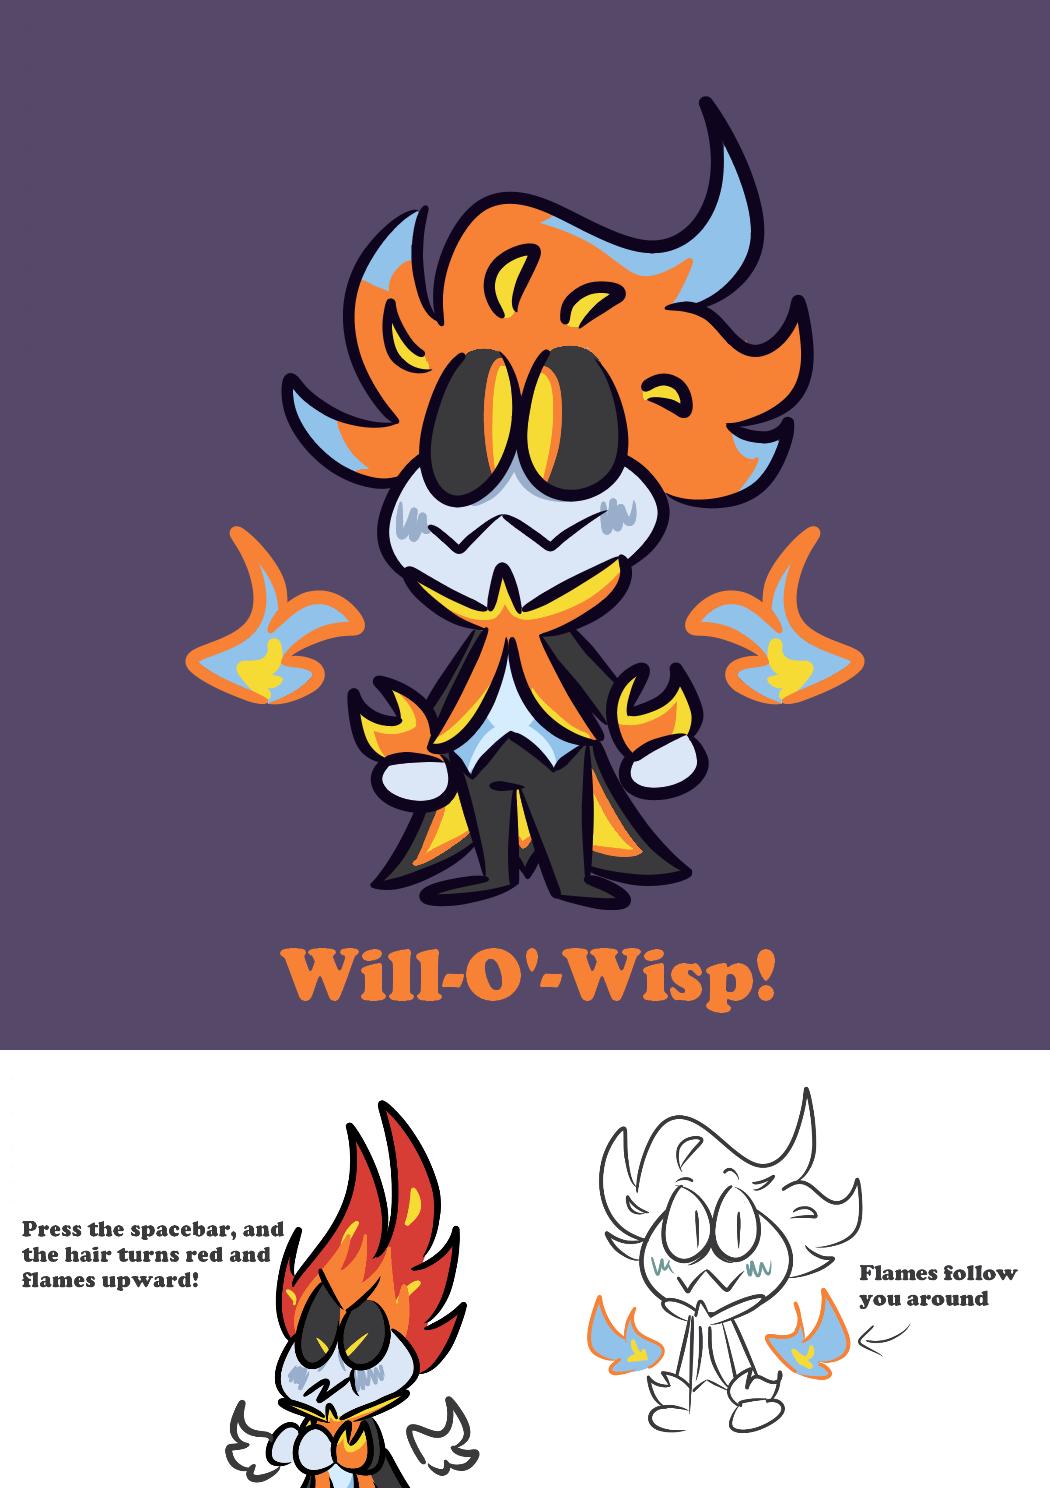 Will-o-wisp by Sleepy Biker